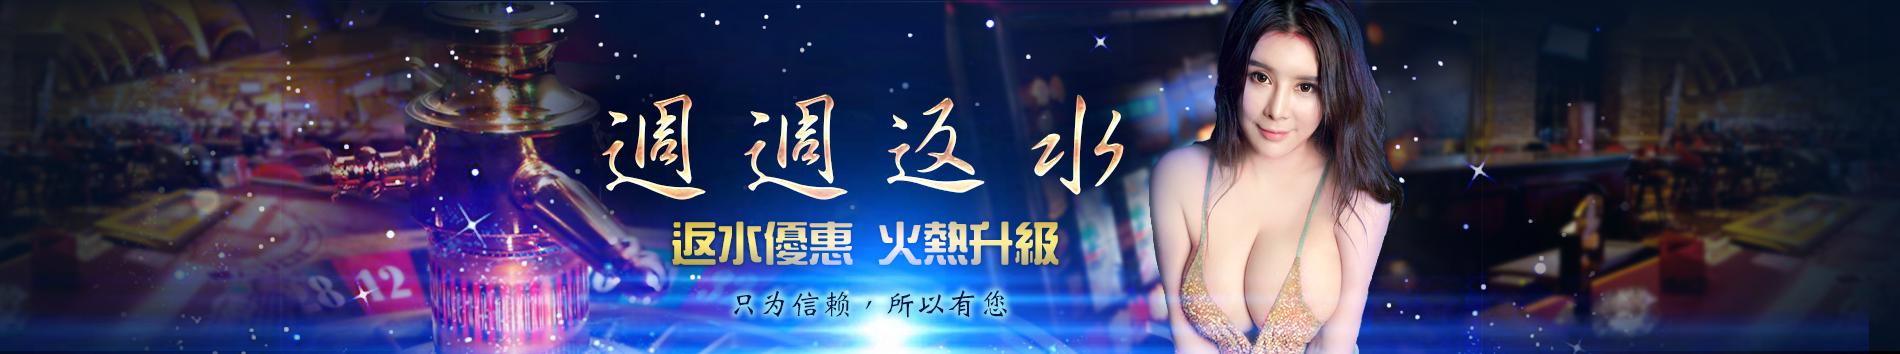 北京賽車pk10計畫起始時間